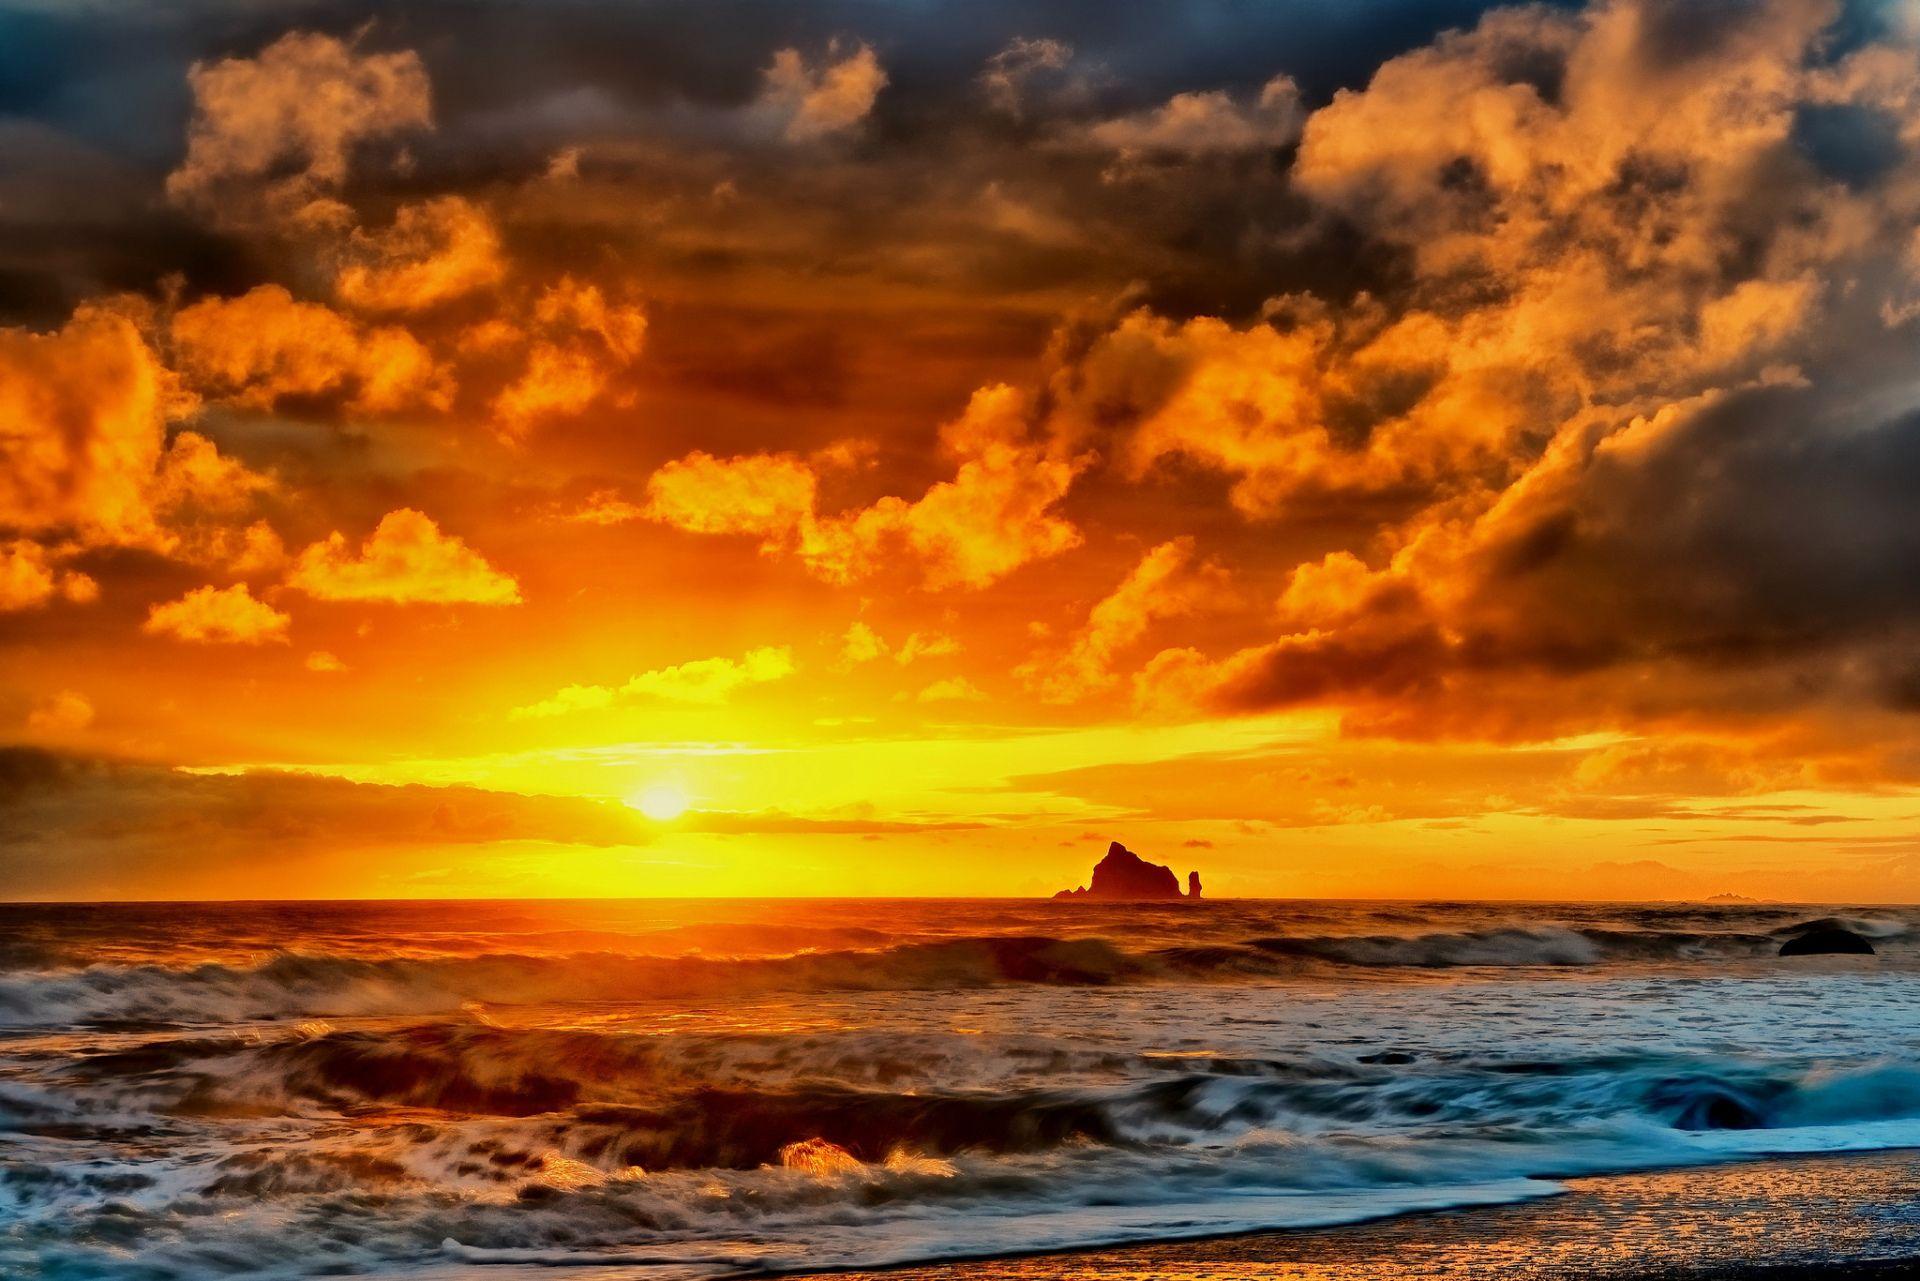 Terre Nature Coucher De Soleil Sea Plage Pierre Vague Fond D Ecran Papier Peint Coucher De Soleil Terre Nature Fond Ecran Plage